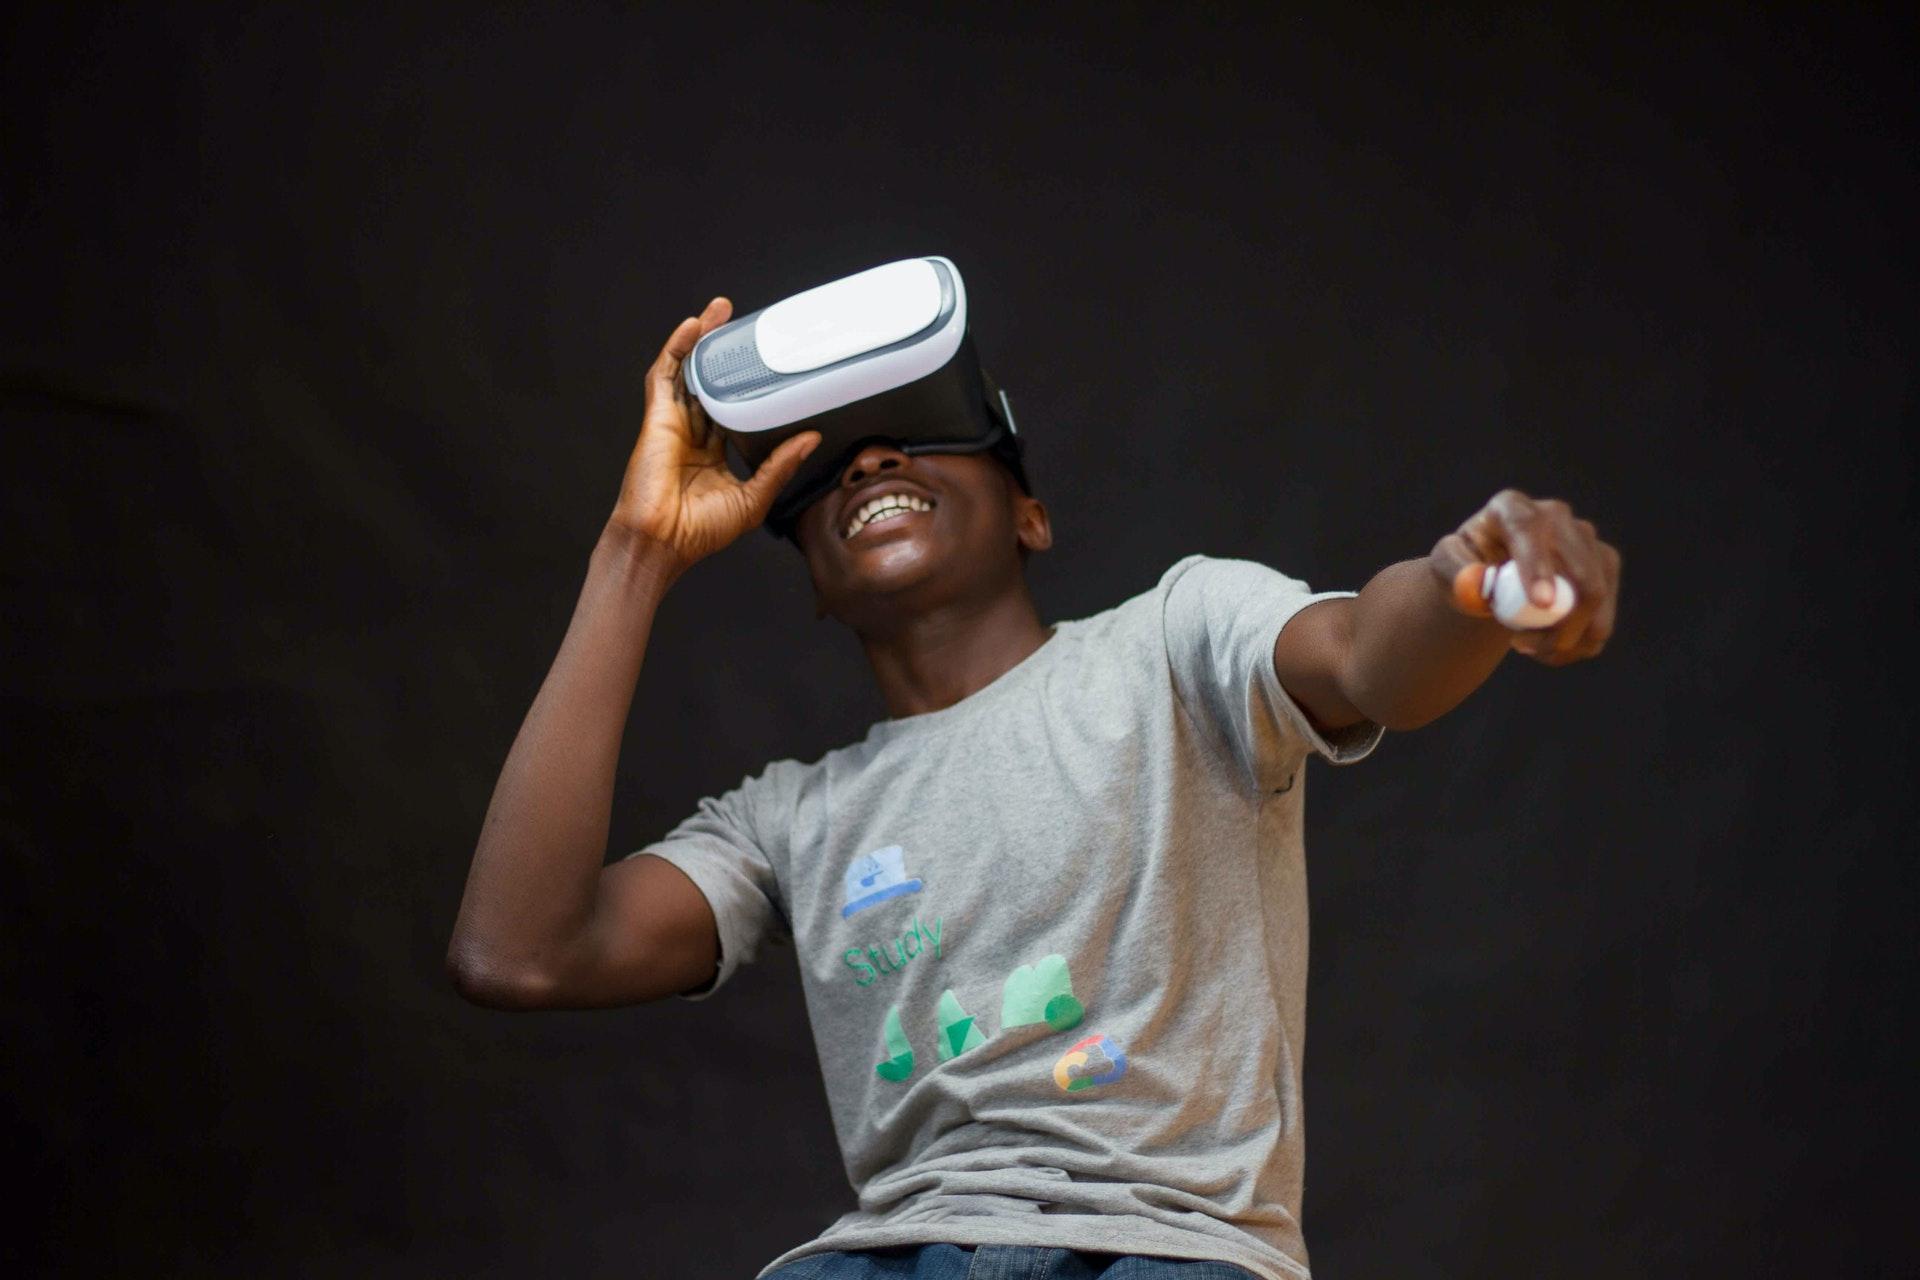 man-wearing-grey-shirt-using-virtual-realty-headset-3175983